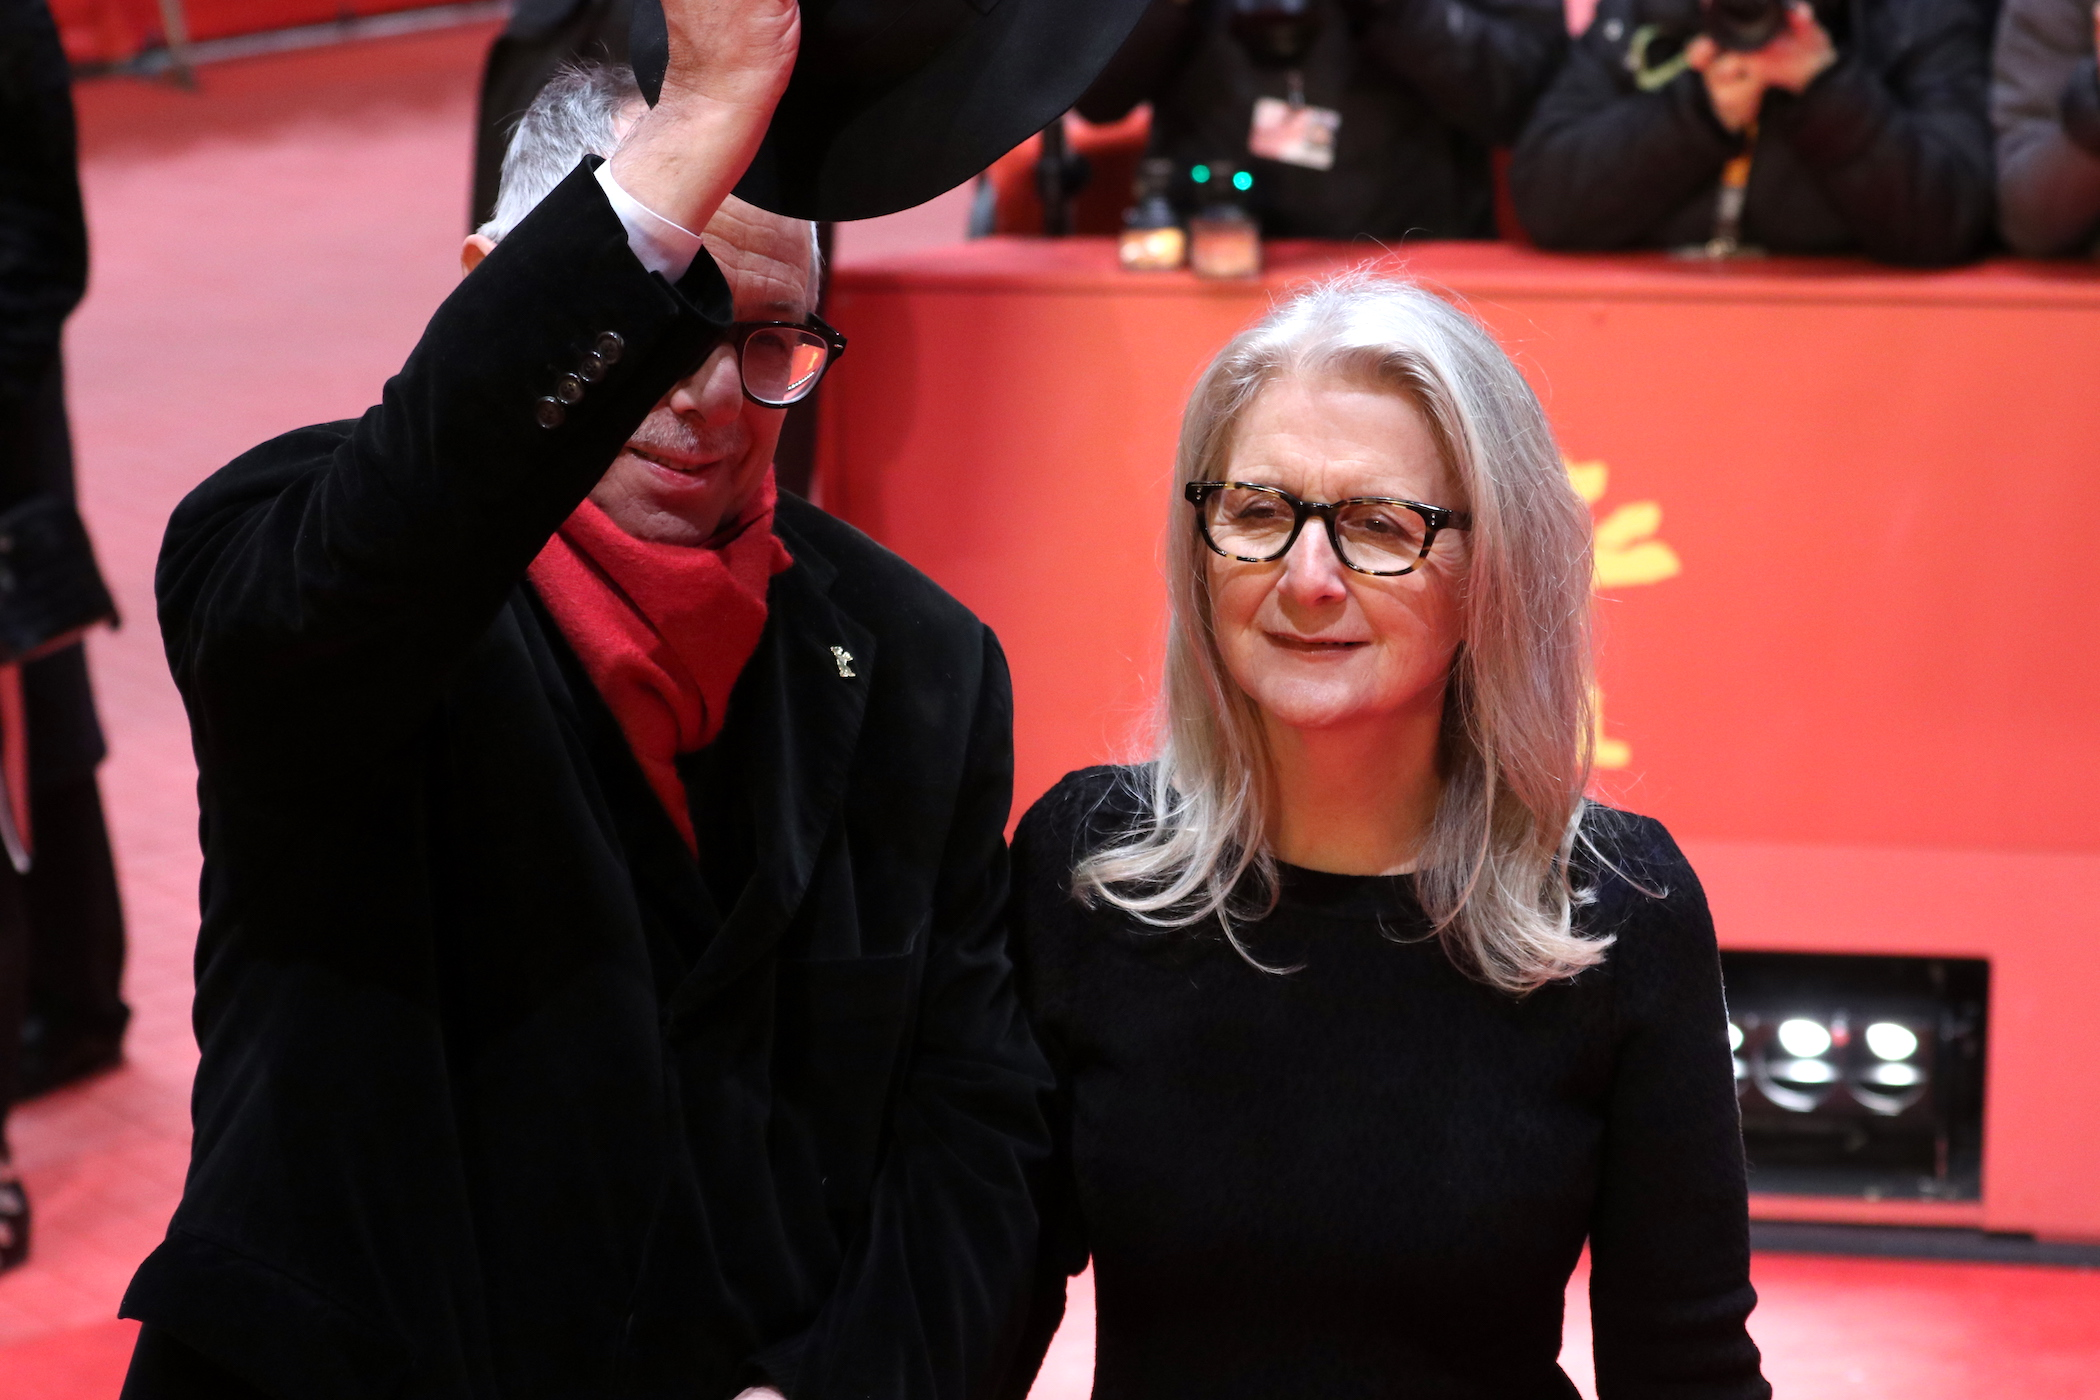 Berlino 2017: uno scatto di Sally Potter sul red carpet di The party